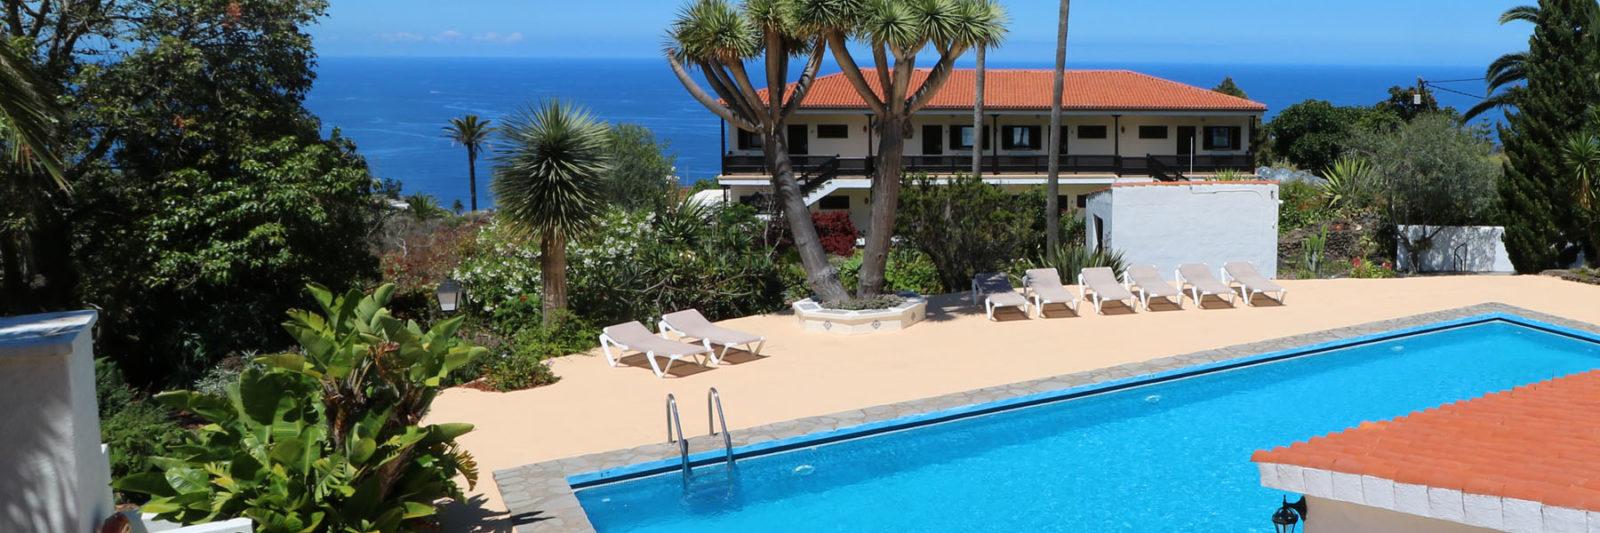 La Palma - Apartments Miranda - View pool and complex